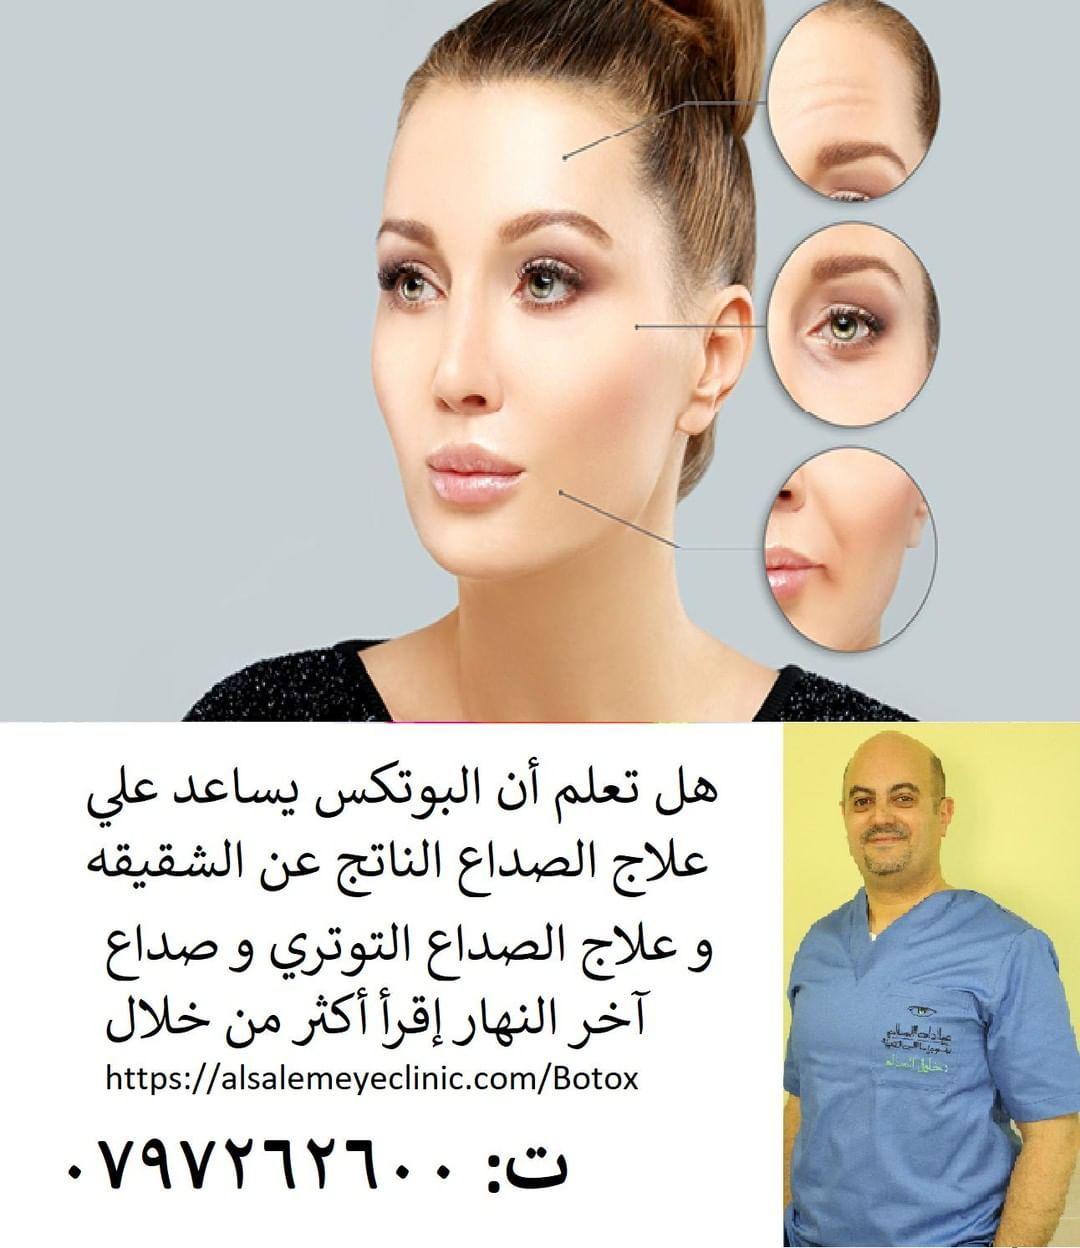 Khalil Alsalem Posted To Instagram البوتكس علاج فعال للصداع النصفي و الشقيقة أو الصداع الذي ينتج من الإجهاد في آخر النهار الفكرة Botox Movie Posters Movies